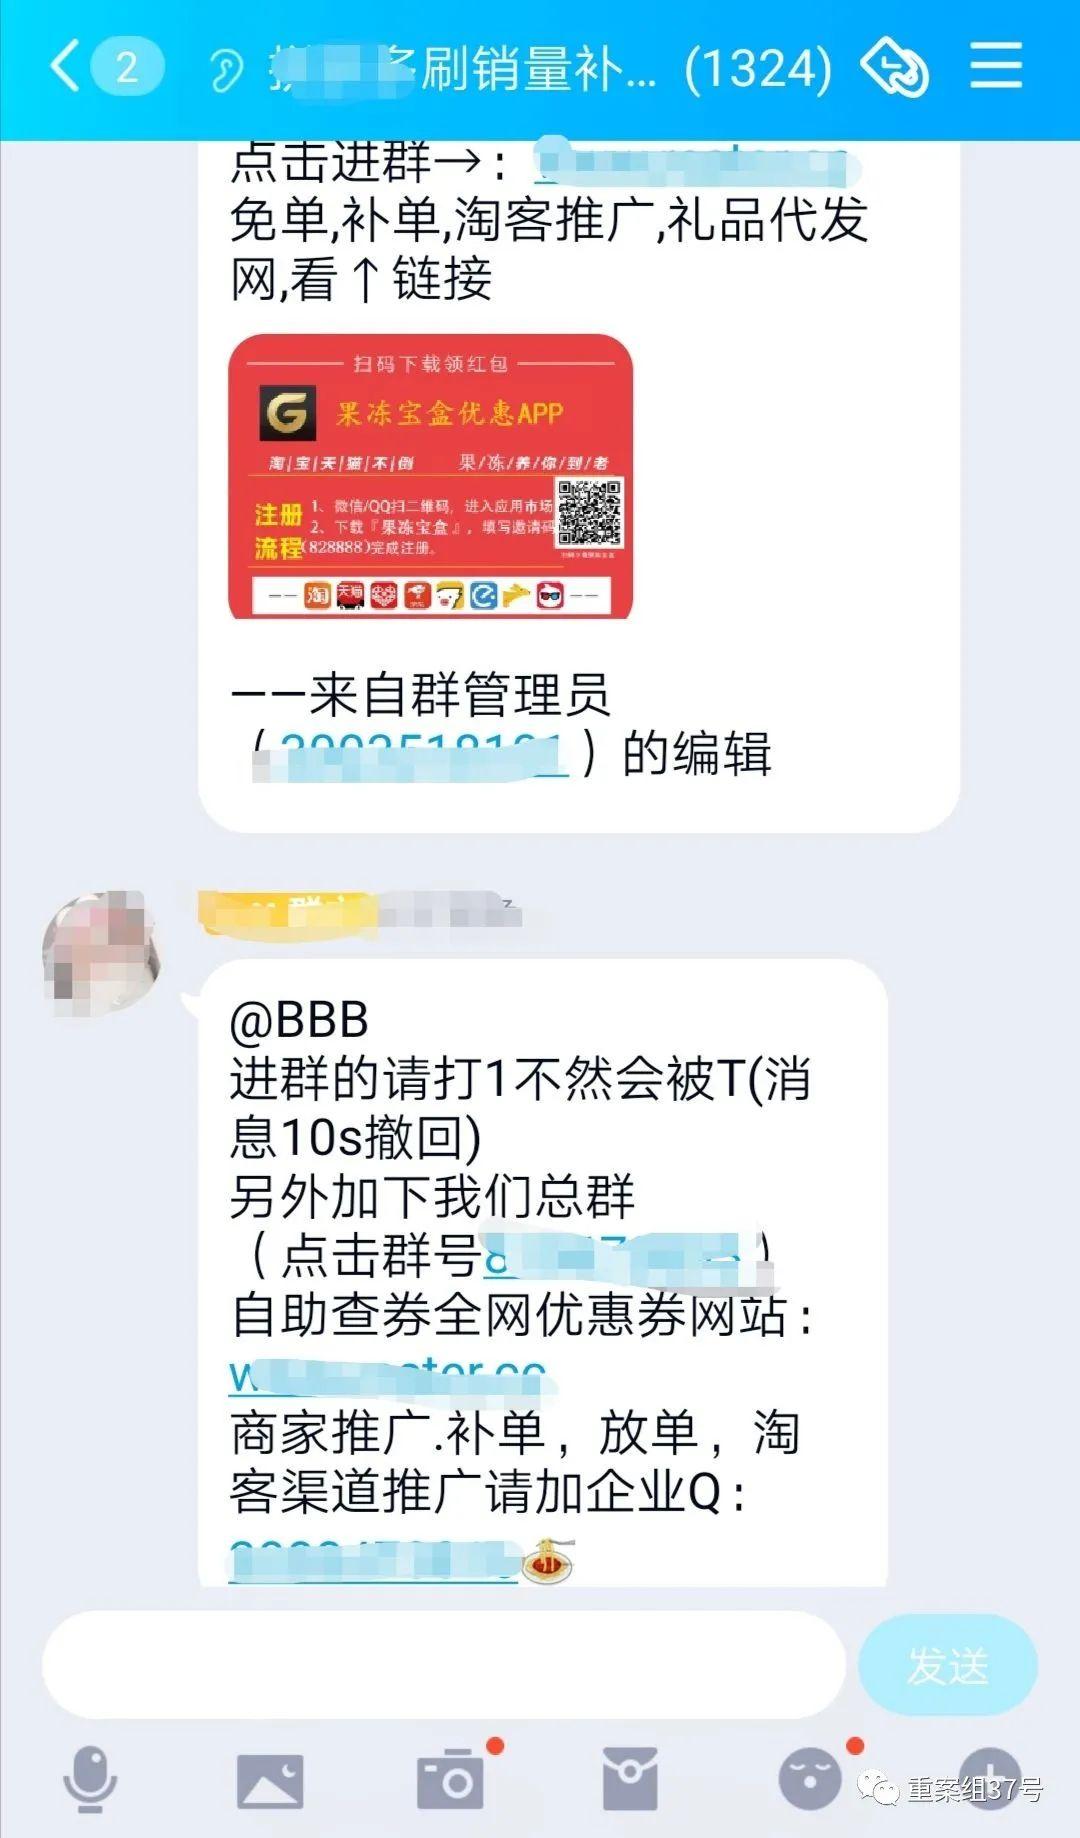 """6常态化疫情防控上海将守好""""进乡心""""、用好⊥灌测哨"""""""